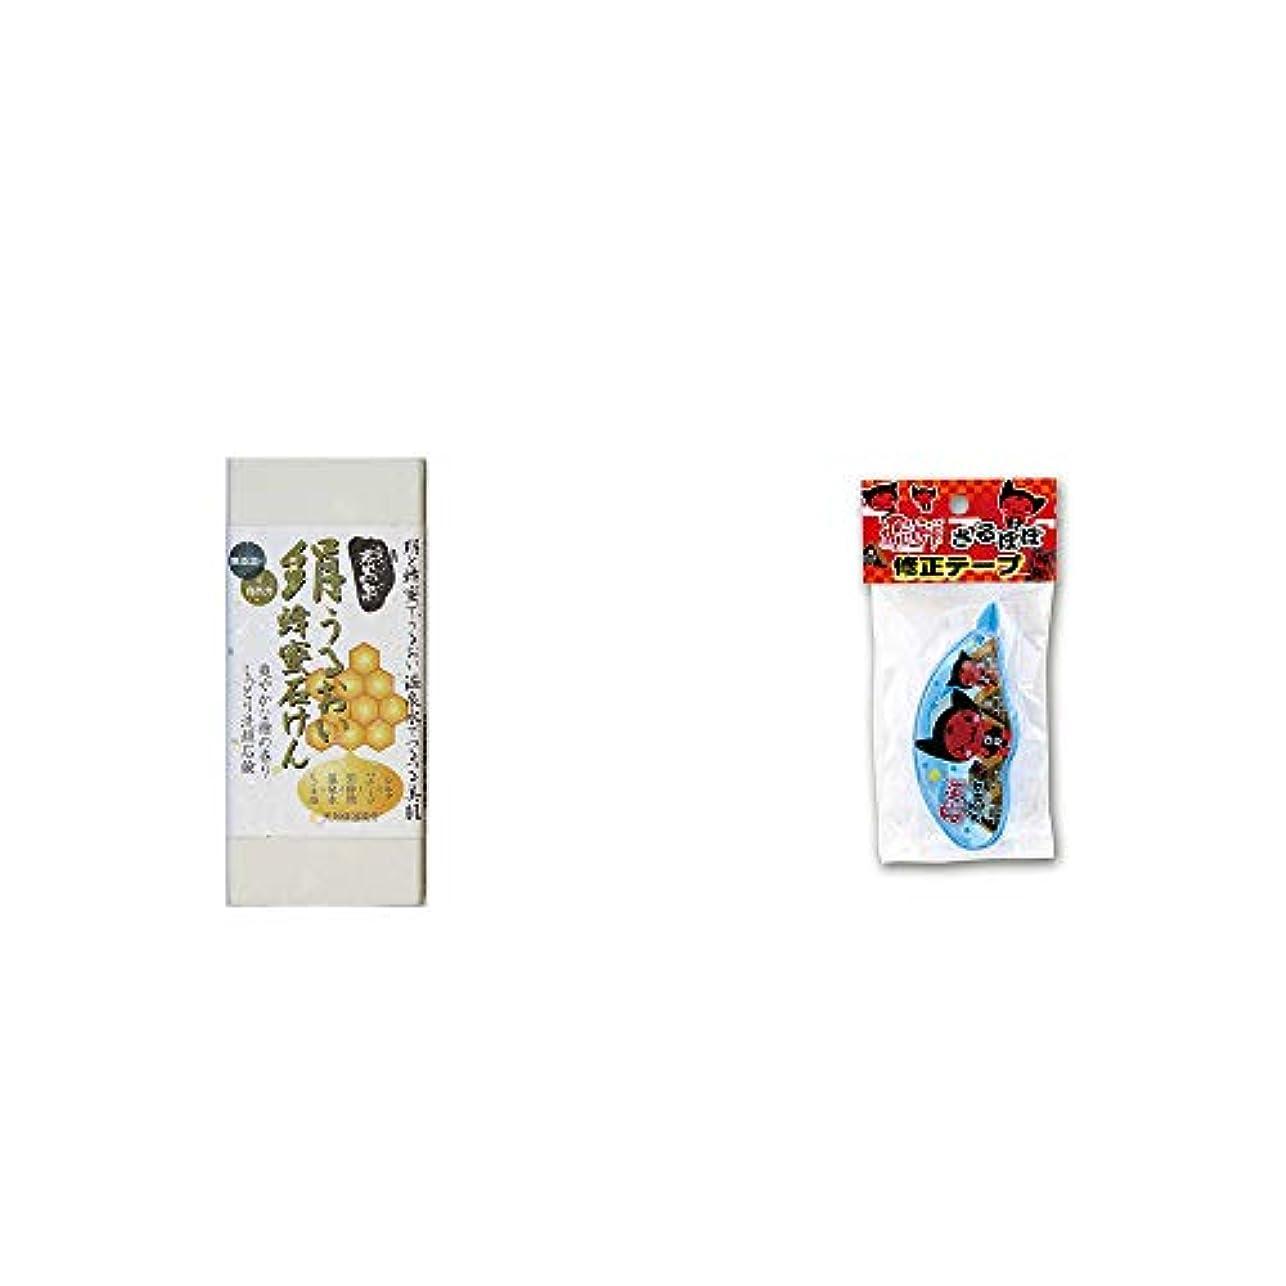 妊娠した南極常習者[2点セット] ひのき炭黒泉 絹うるおい蜂蜜石けん(75g×2)?さるぼぼ 修正テープ【ピンク】